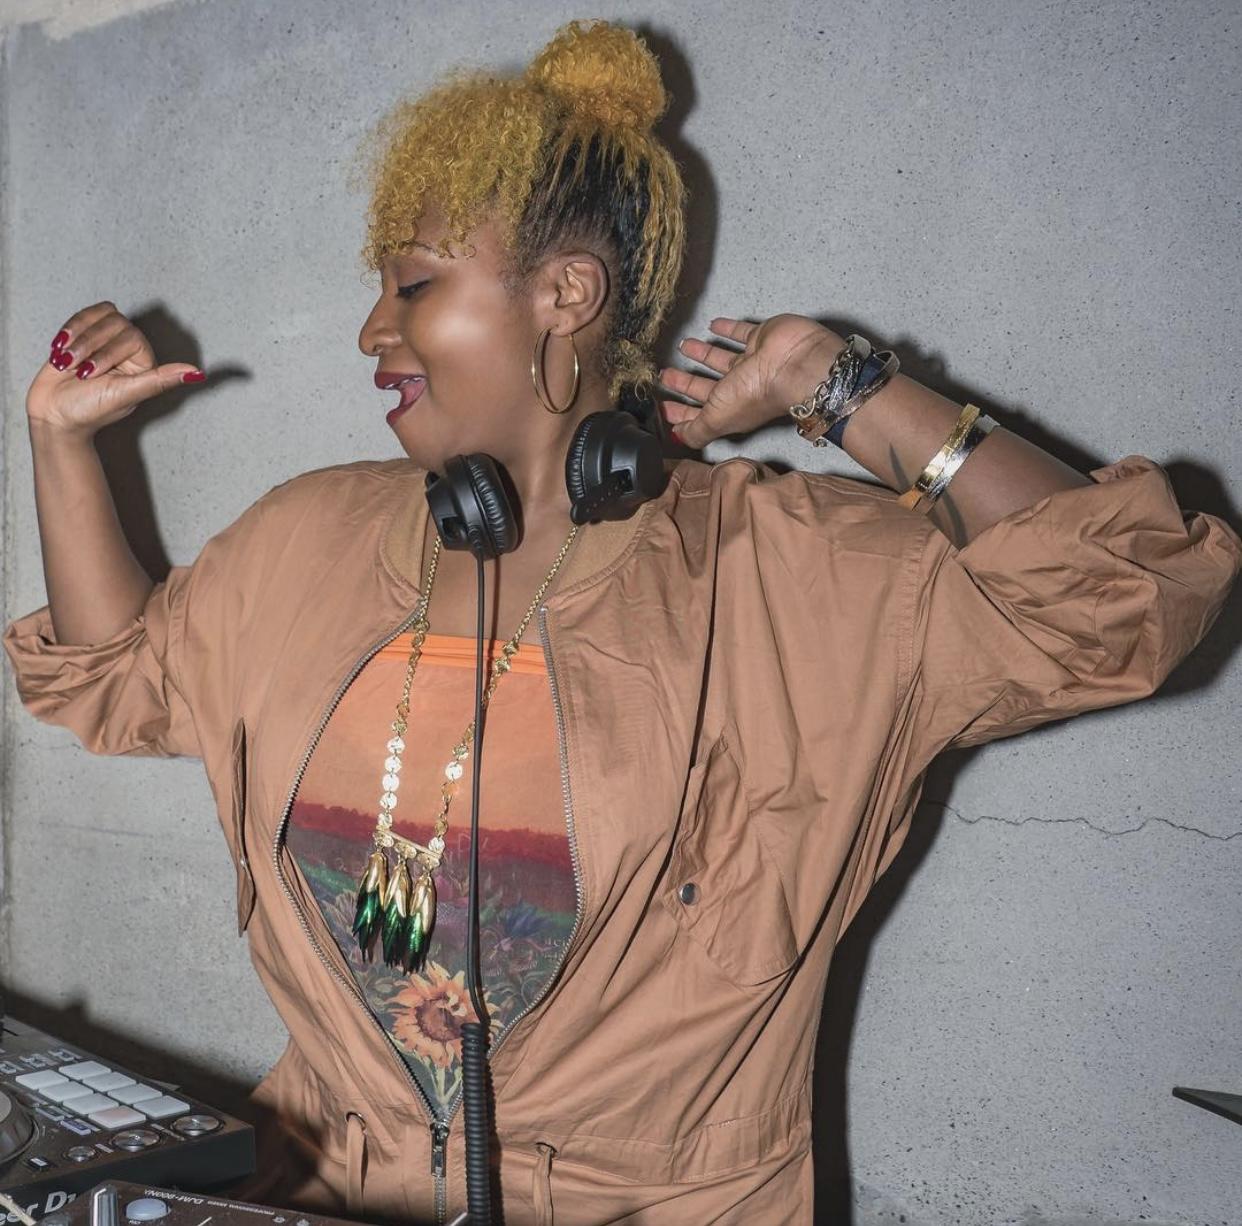 DJ Brina Payne